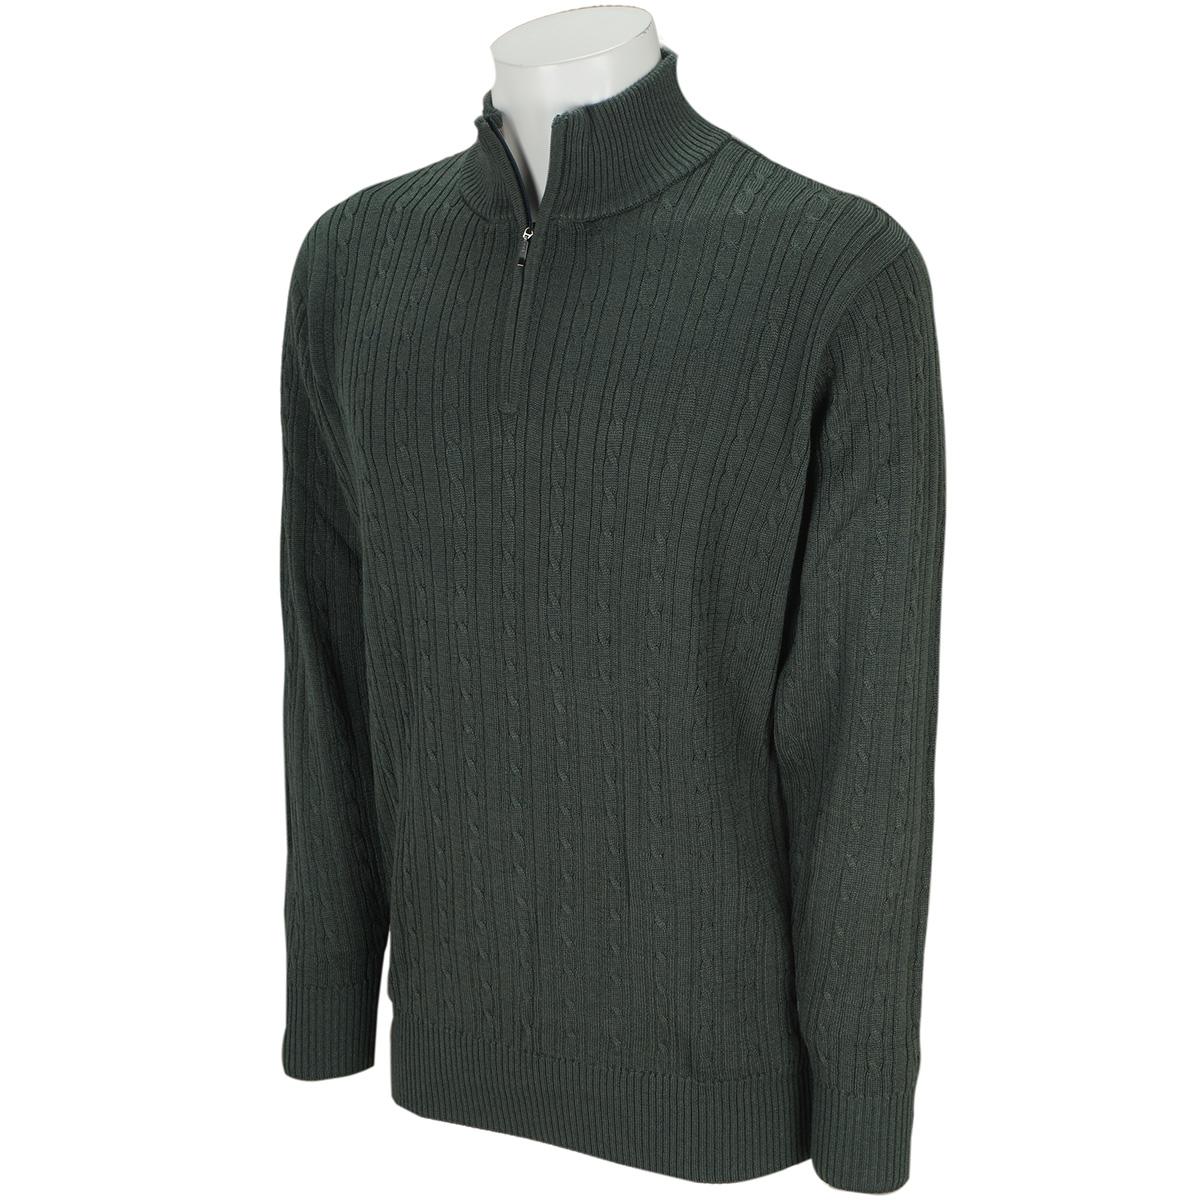 ストレッチ ジップアップセーター